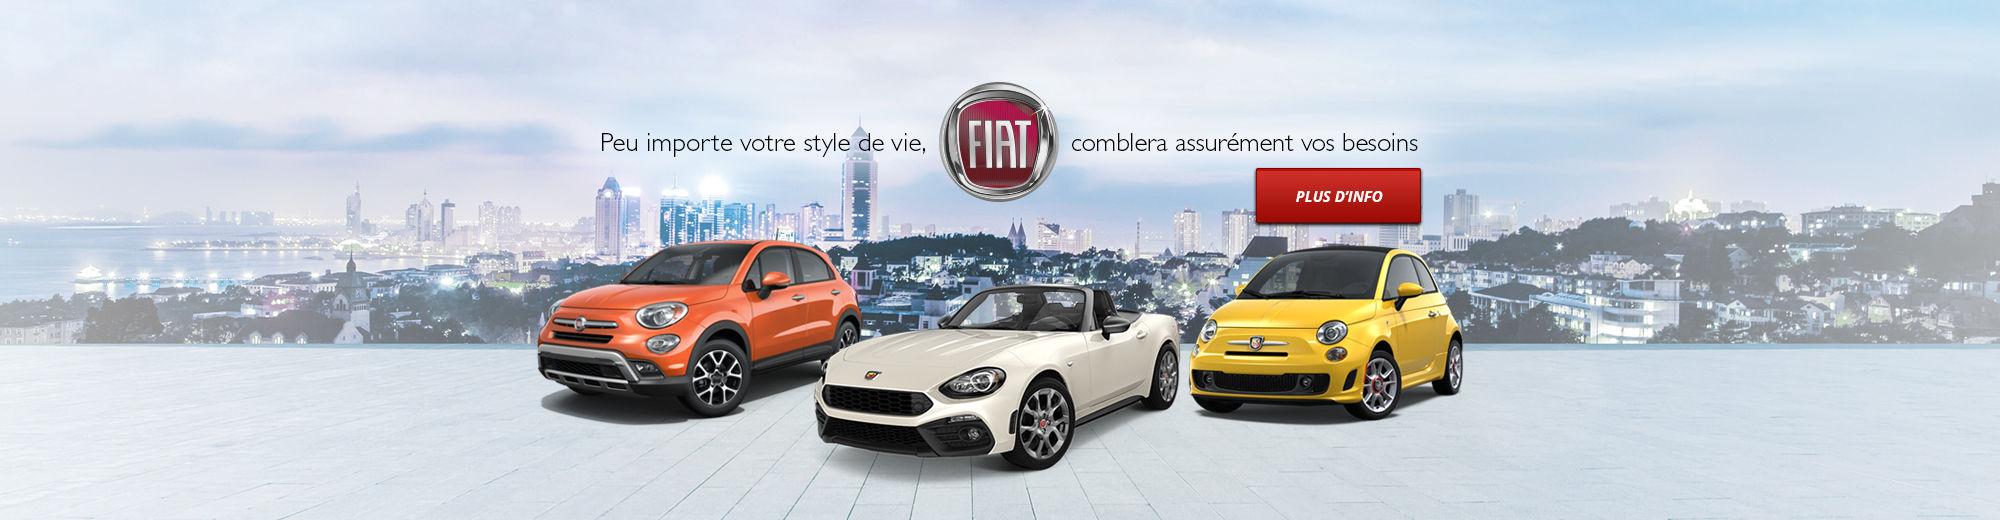 Peu importe votre style de vie, FIAT comblera assurément vos besoins